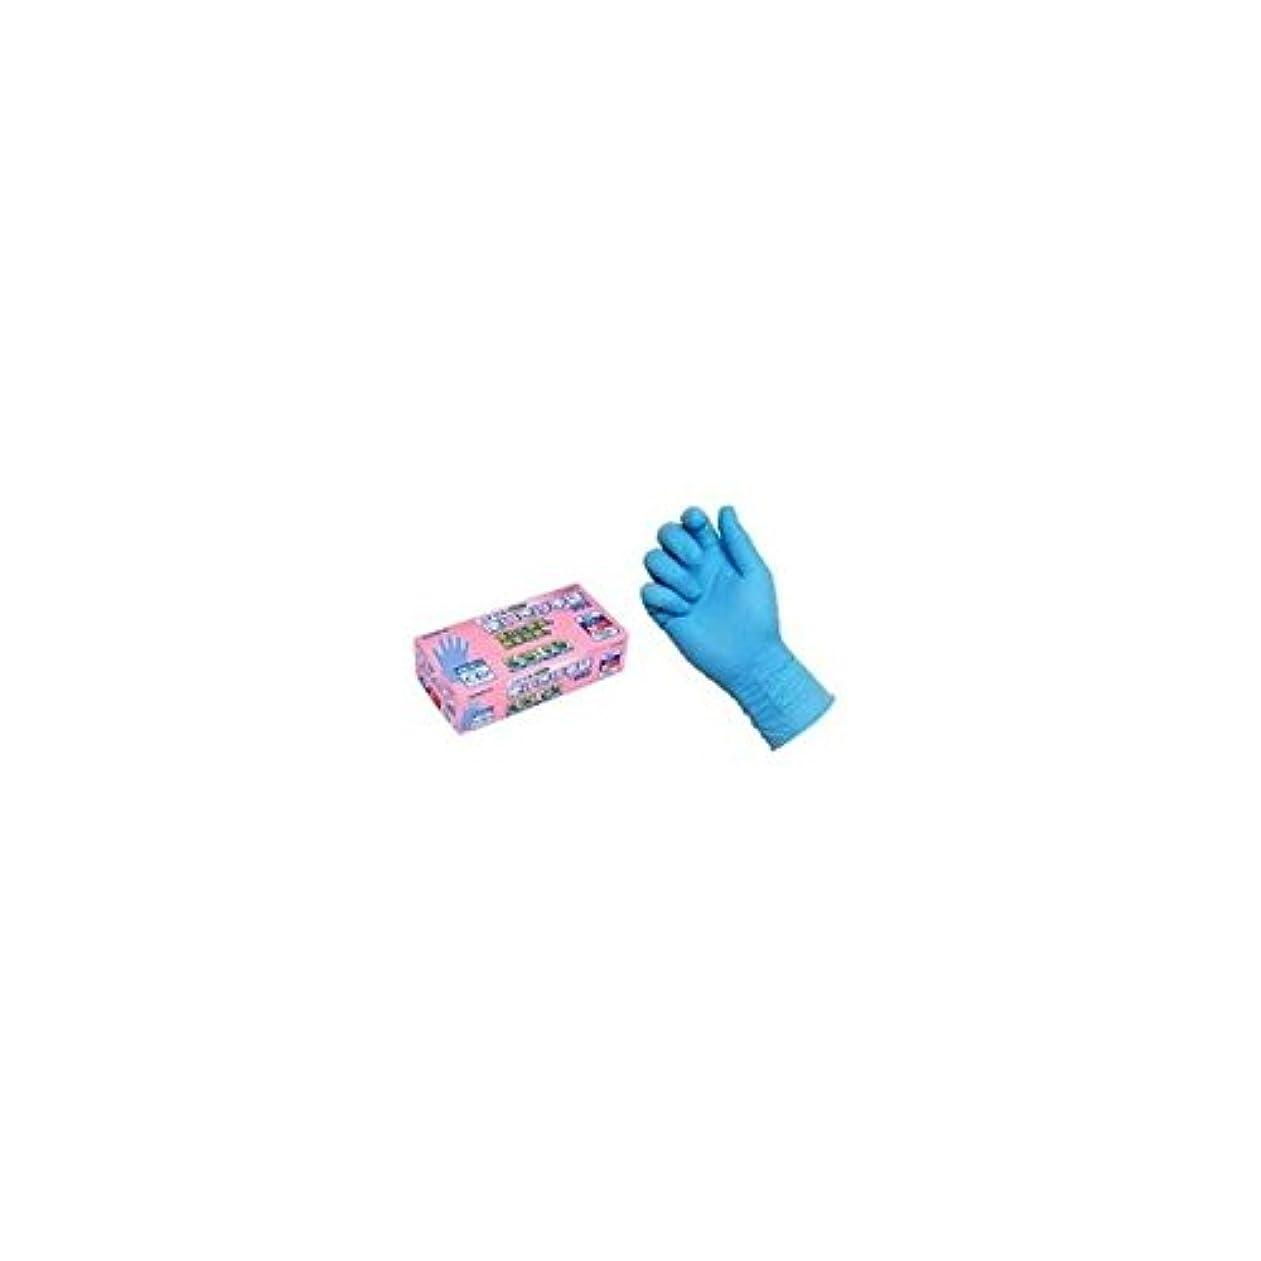 スマッシュパン血ニトリル使いきり手袋 PF NO.992 M ブルー エステー 【商品CD】ST4779